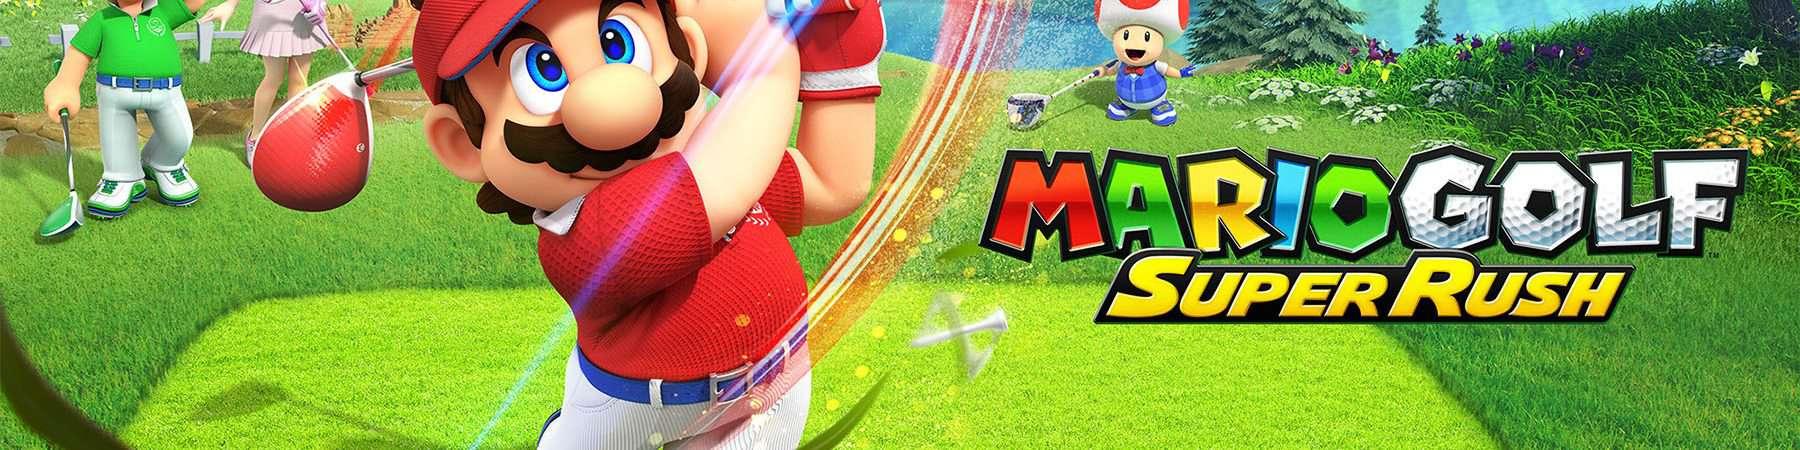 Imagem promocional de Mario Golf: Super Rush mostra Mario em destaque, dando uma tacada, sendo observado por Luigi, Peach e Toad